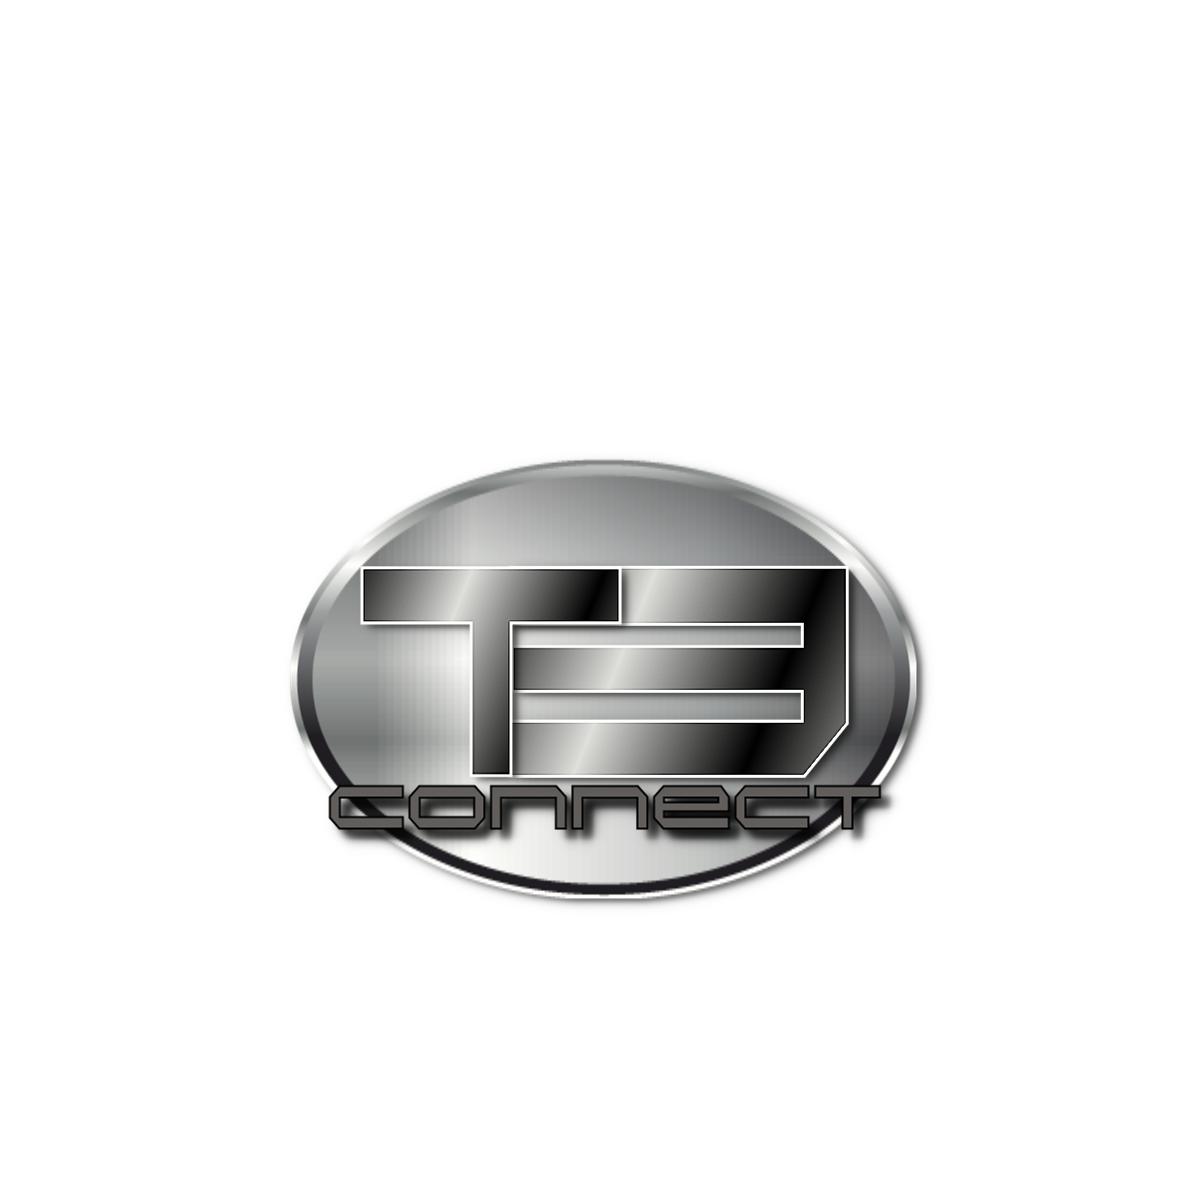 Logo Design by Joseph calunsag Cagaanan - Entry No. 59 in the Logo Design Contest T3 CONNECT Sports Marketing logo.